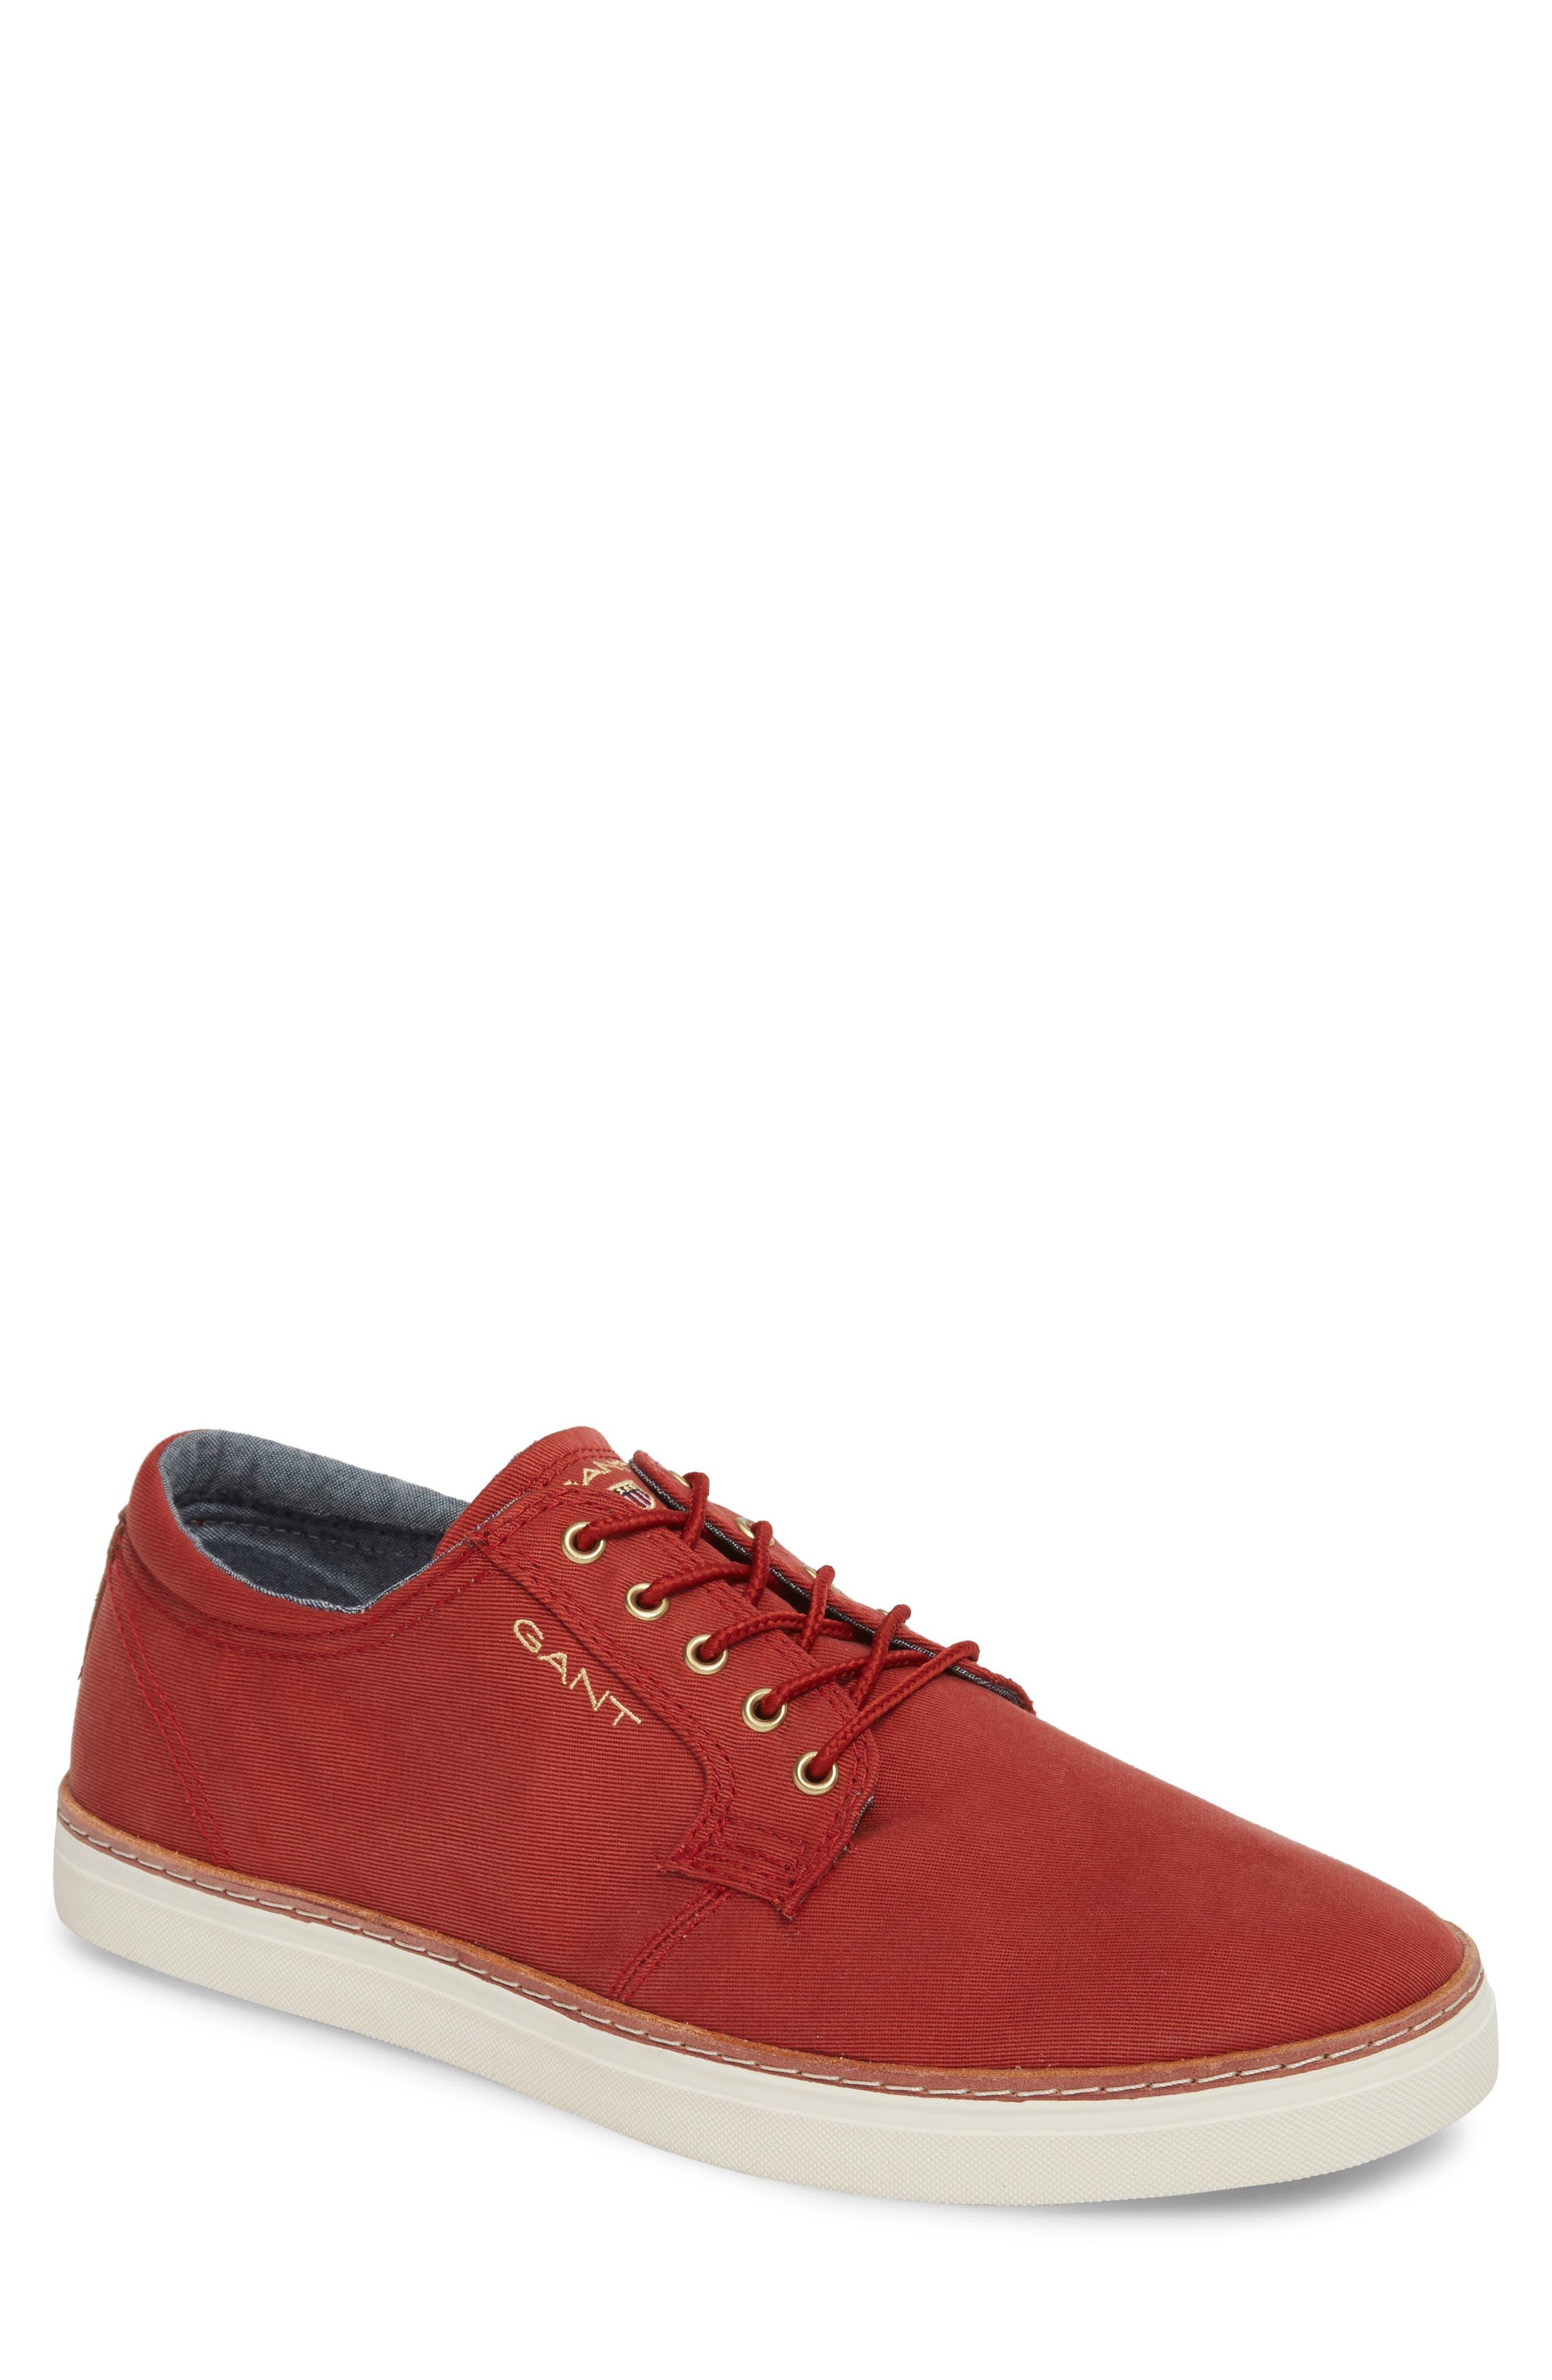 Bari Sneaker,                         Main,                         color, Red Twill